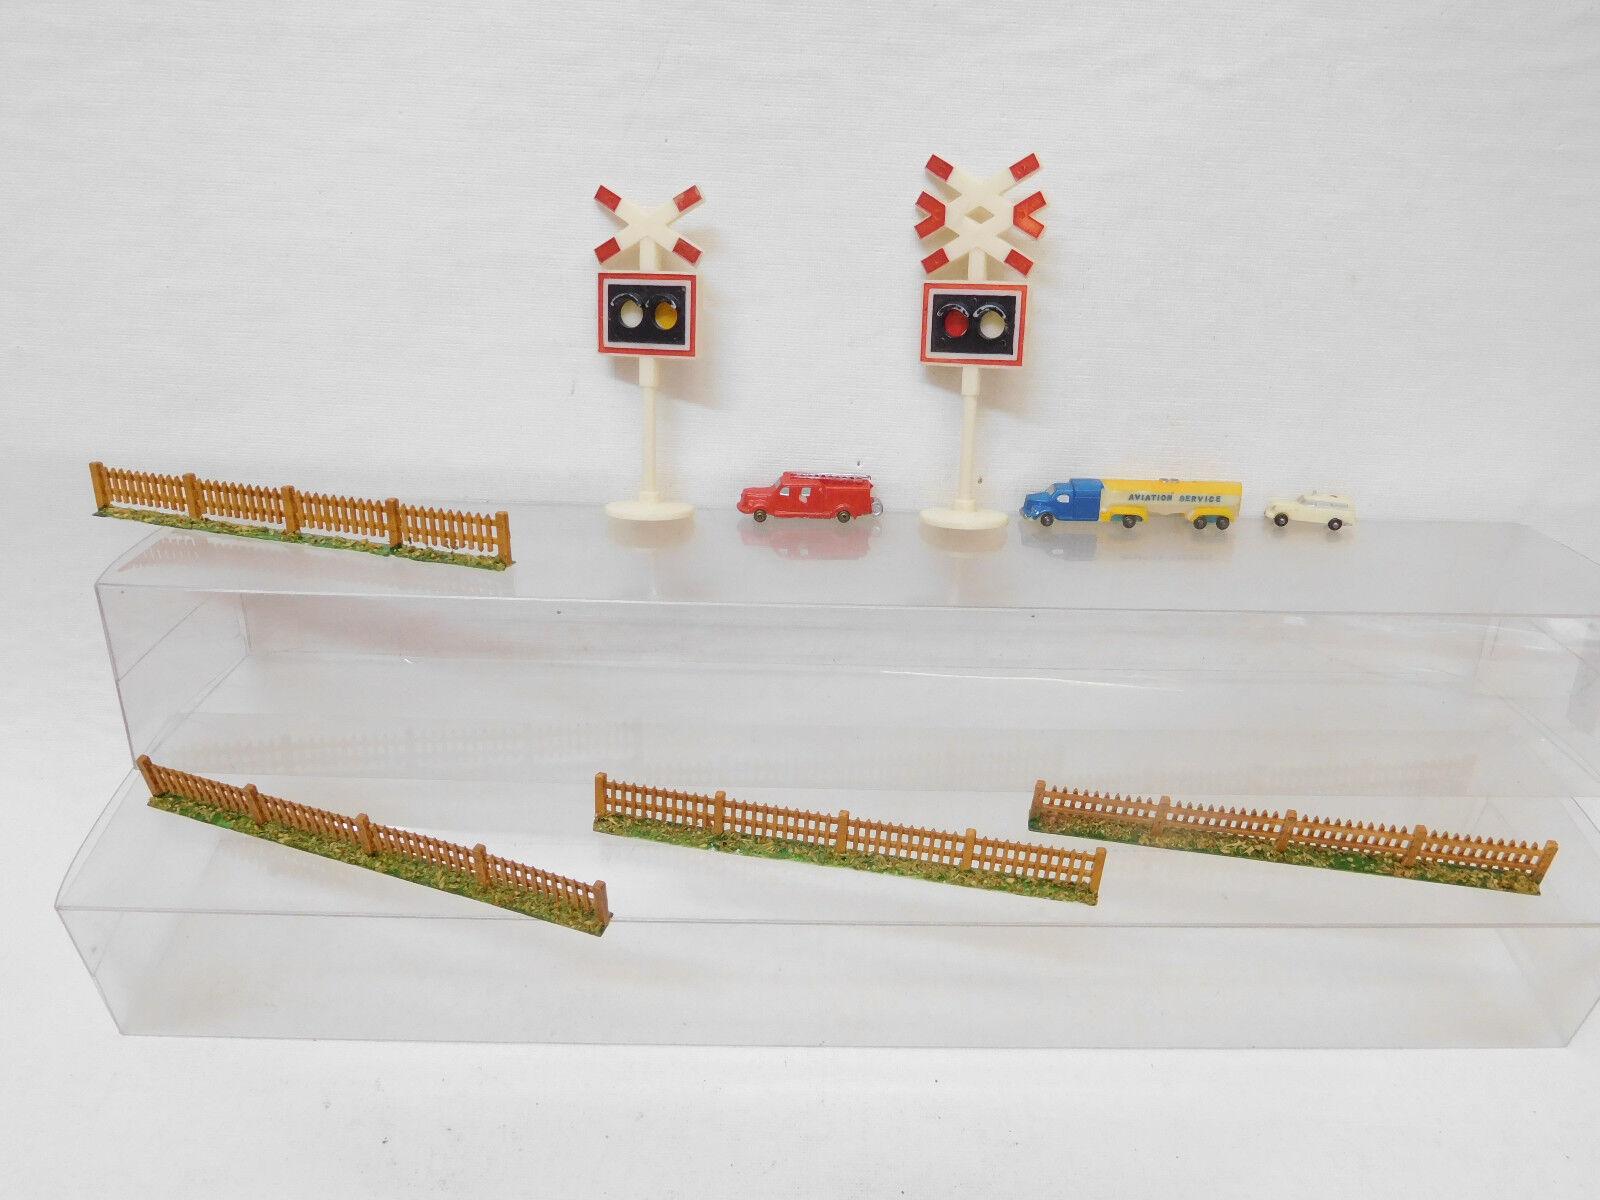 Santa Claus arrive Mes-55744 Siku plastique accessoires avec usure normale, sans emballage d'origine, | à Prix Réduits